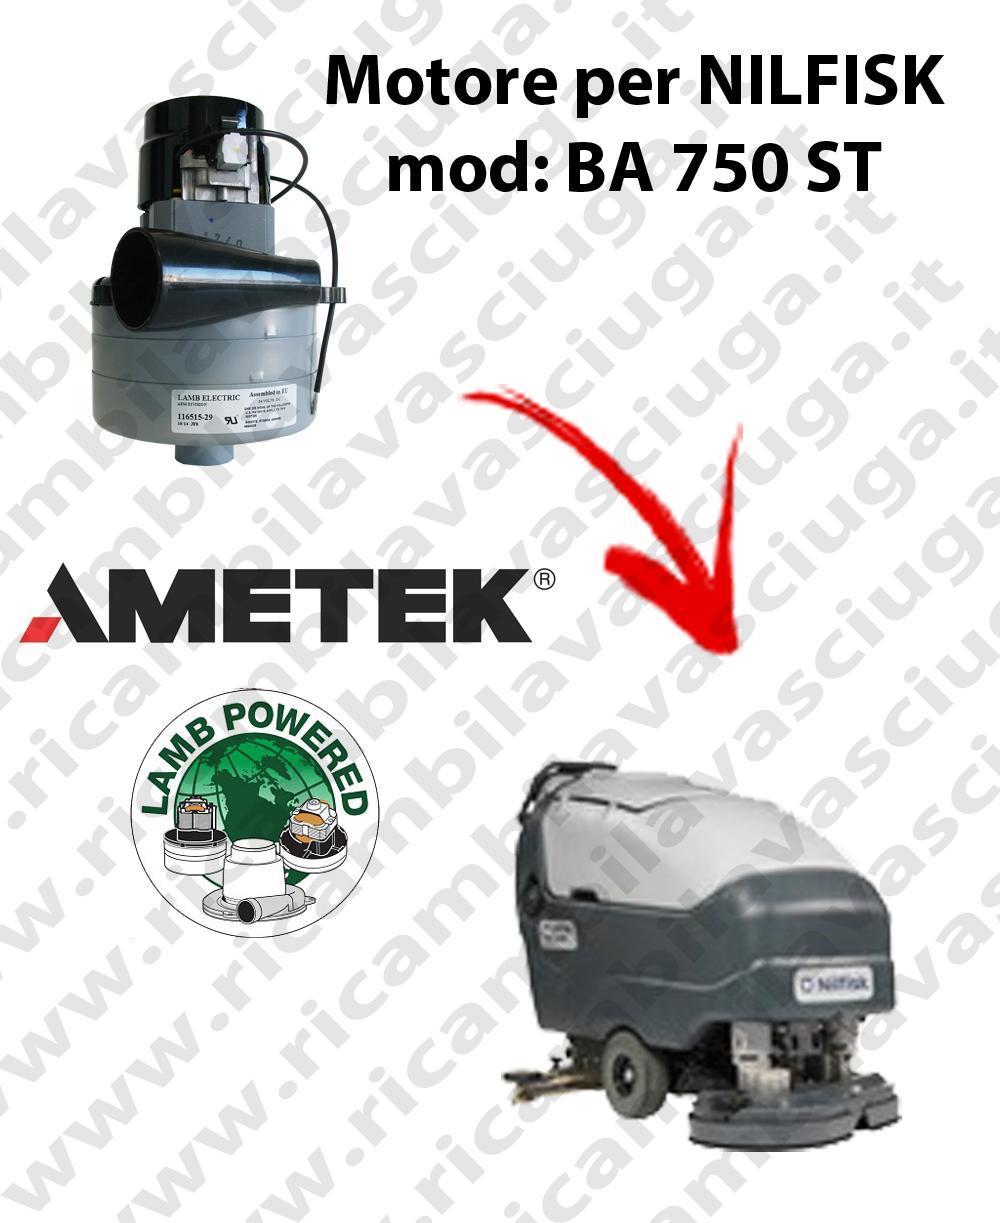 BA 750 ST MOTEUR ASPIRATION LAMB AMETEK pour autolaveuses NILFISK